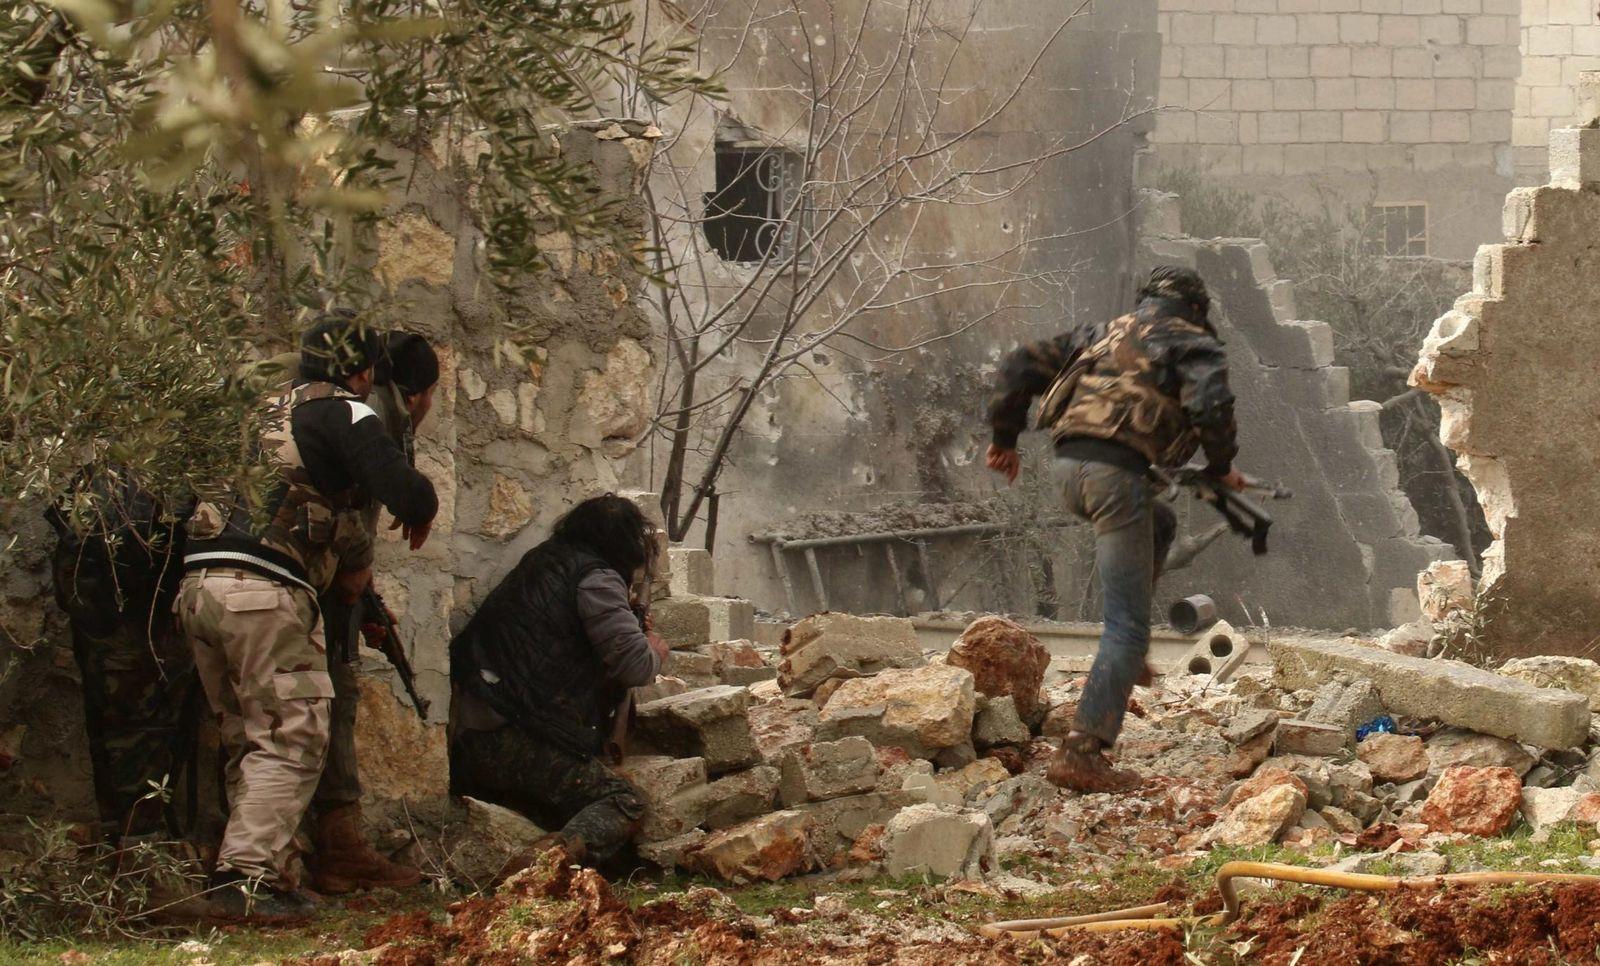 Foto: Un combatiente rebelde corre durante combates con el ejército sirio en Alepo, el 18 de febrero de 2015. (Reuters)